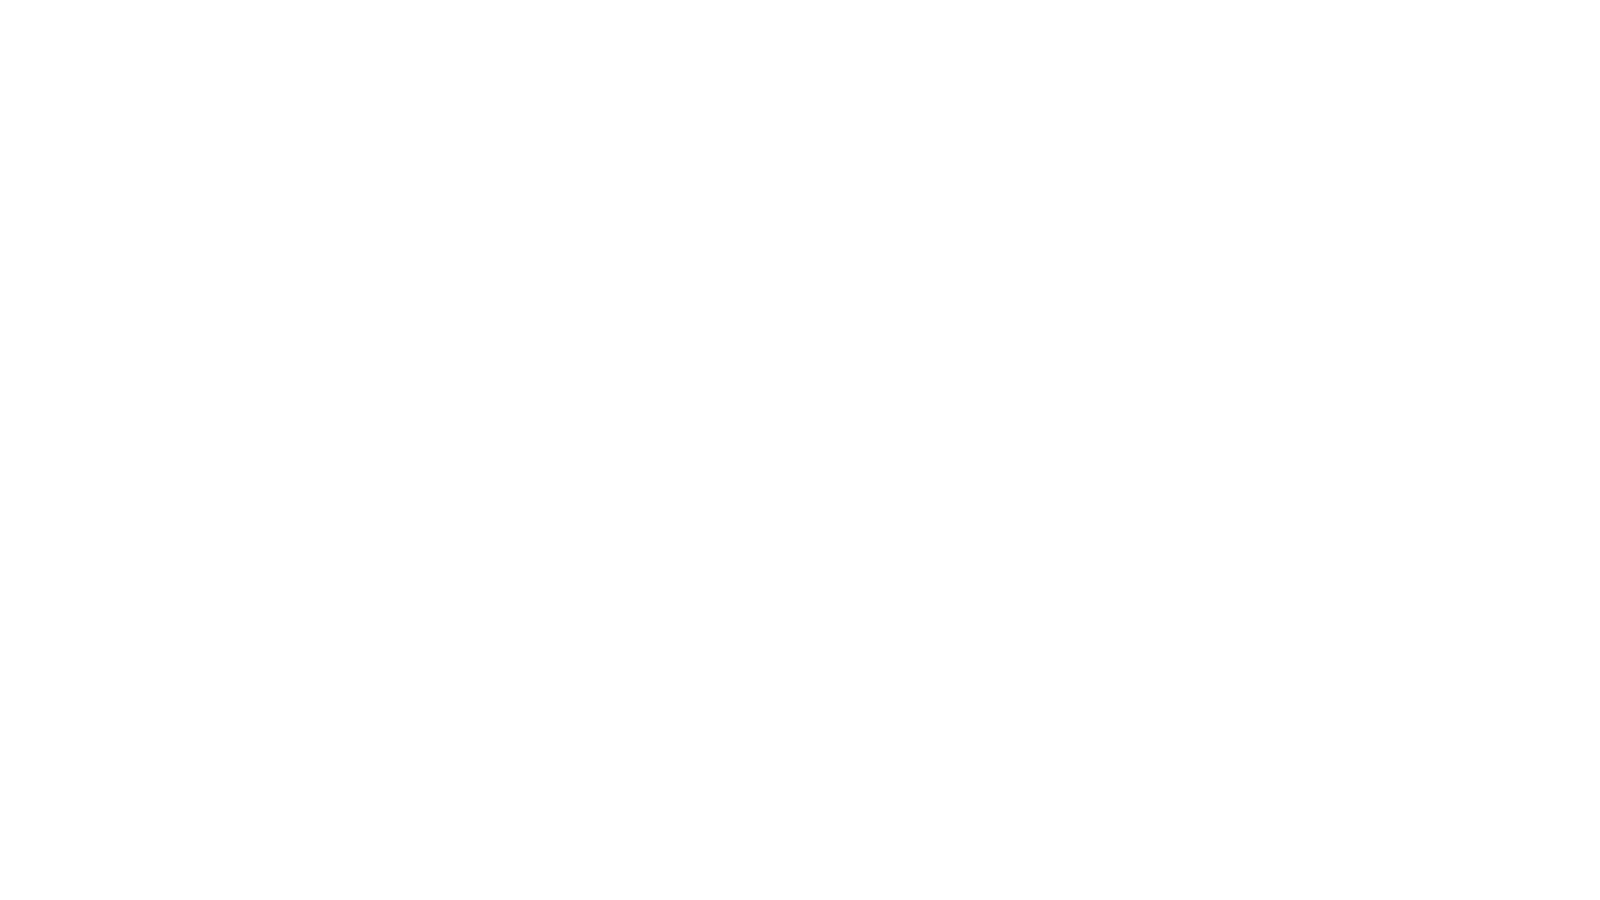 Für alle die sich noch nicht angemeldet haben, hier noch eine Motivation von Anna Hahner von den Hahner Twins. Sie ist deutsche Leichtathletin und Langstreckenläuferin.   Also meldet euch noch an beim Wings for Life Worldrun und tretet unserem Team bei.   https://www.wingsforlifeworldrun.com/de/teams/XywnqE#about